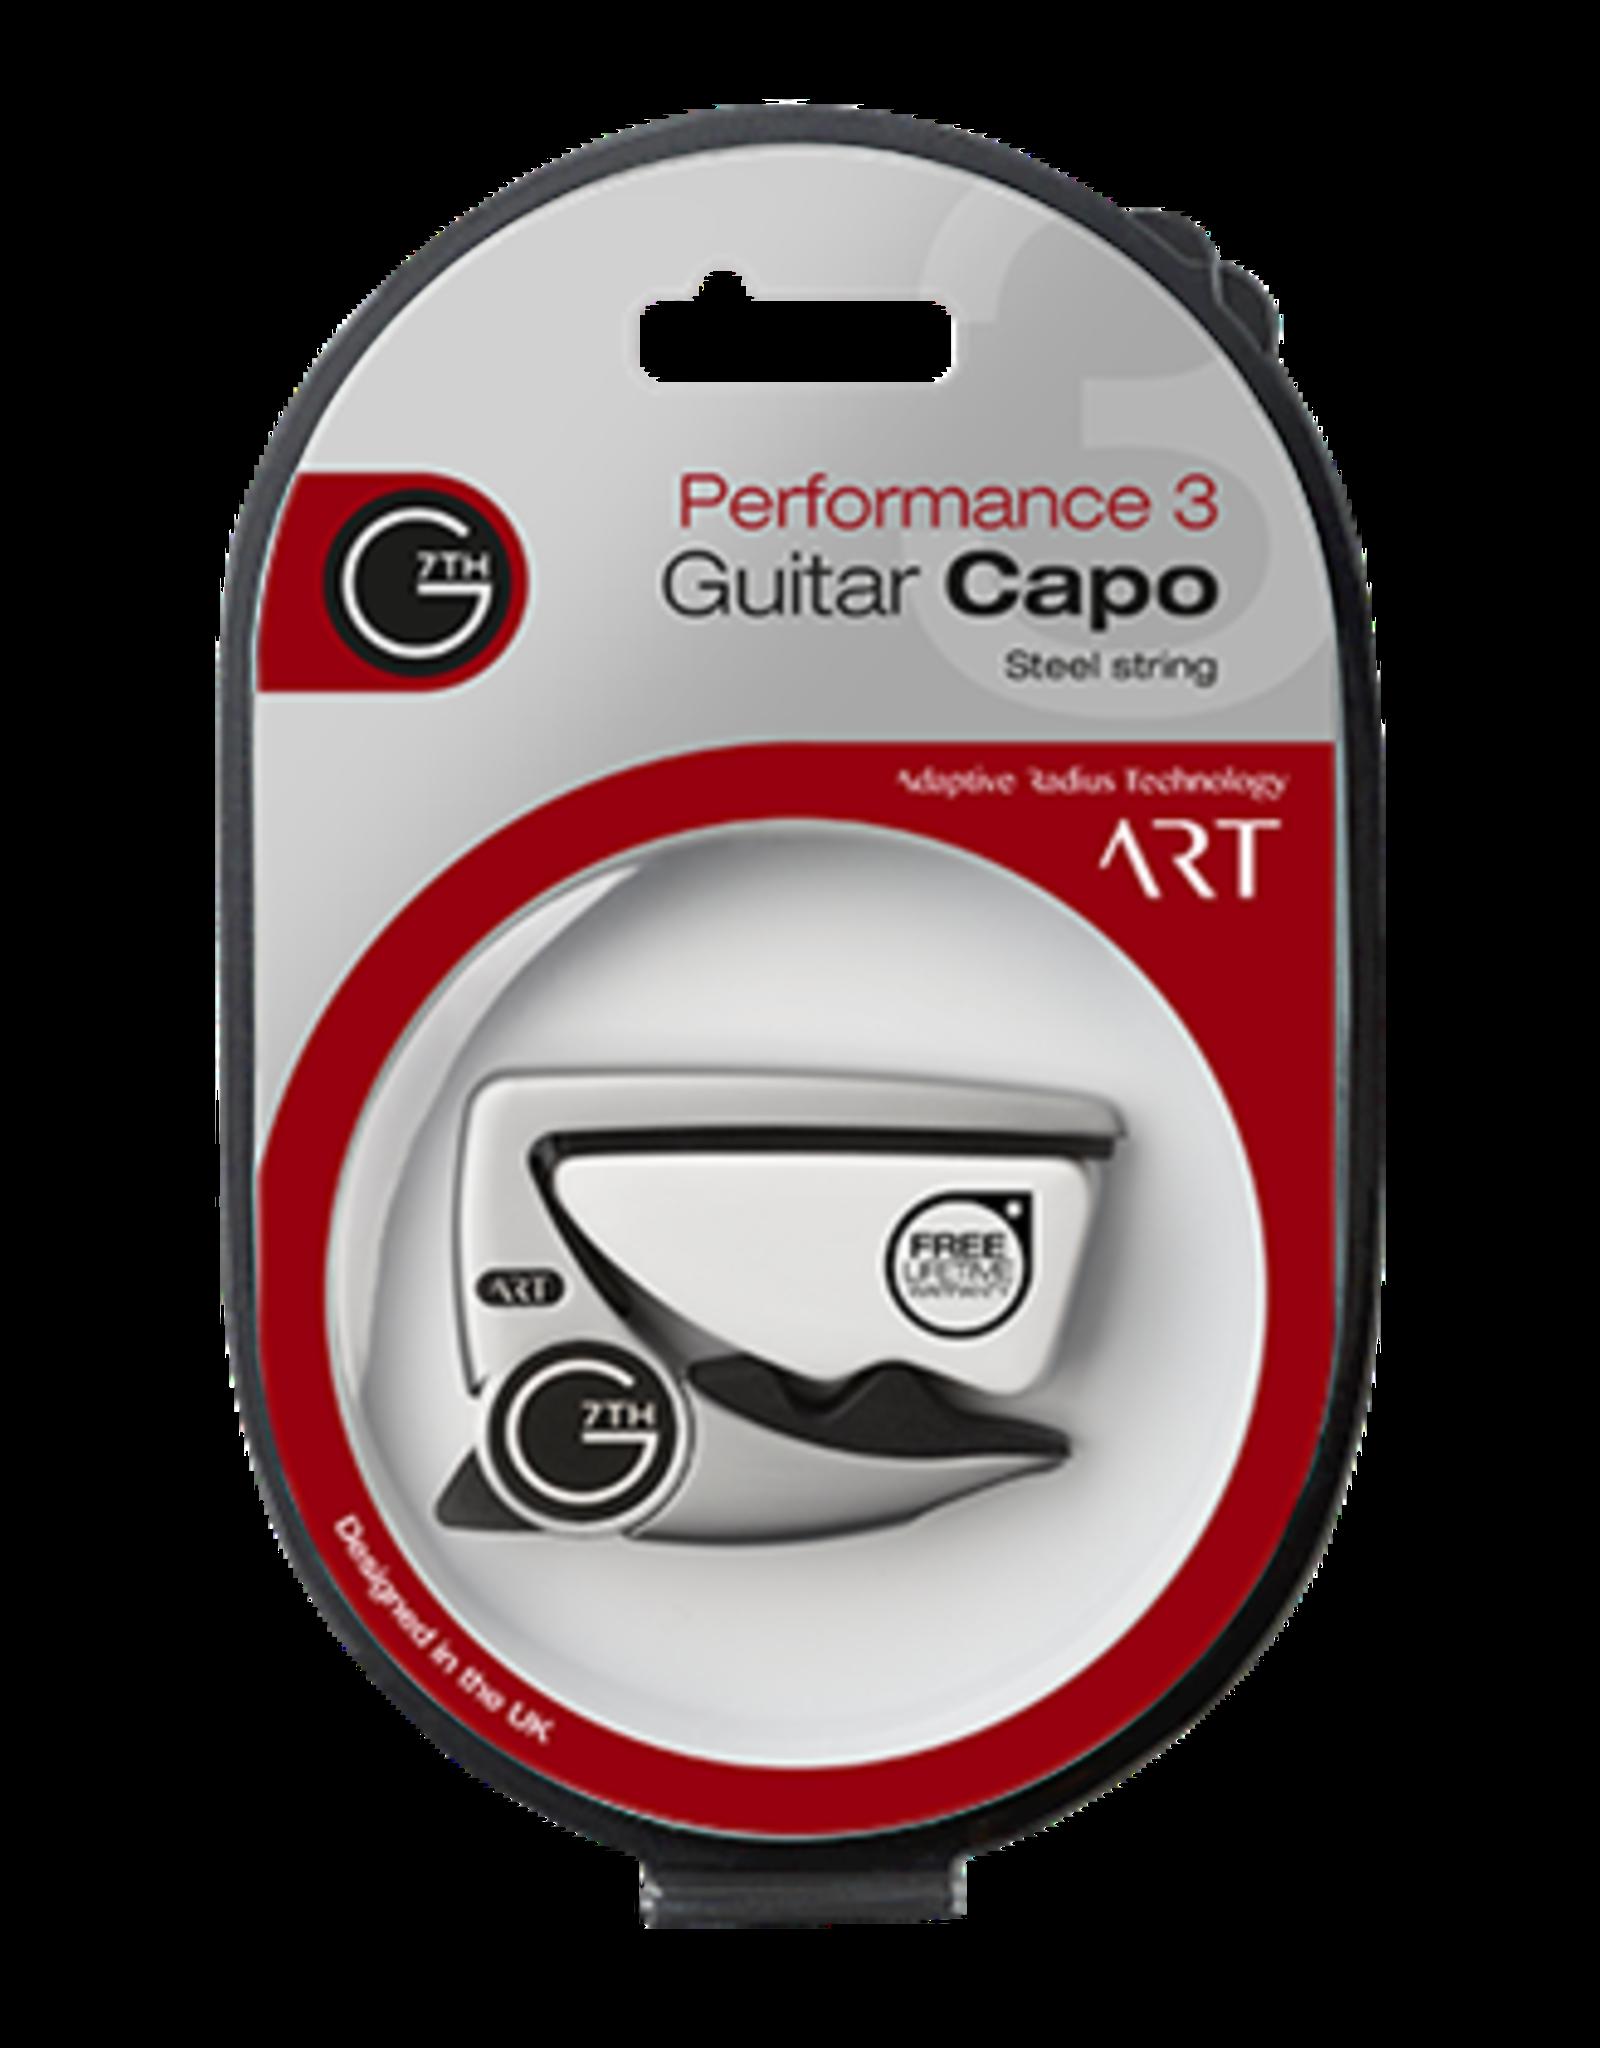 G7TH - The Capo Company G7th Performance 3 ART Capo Silver